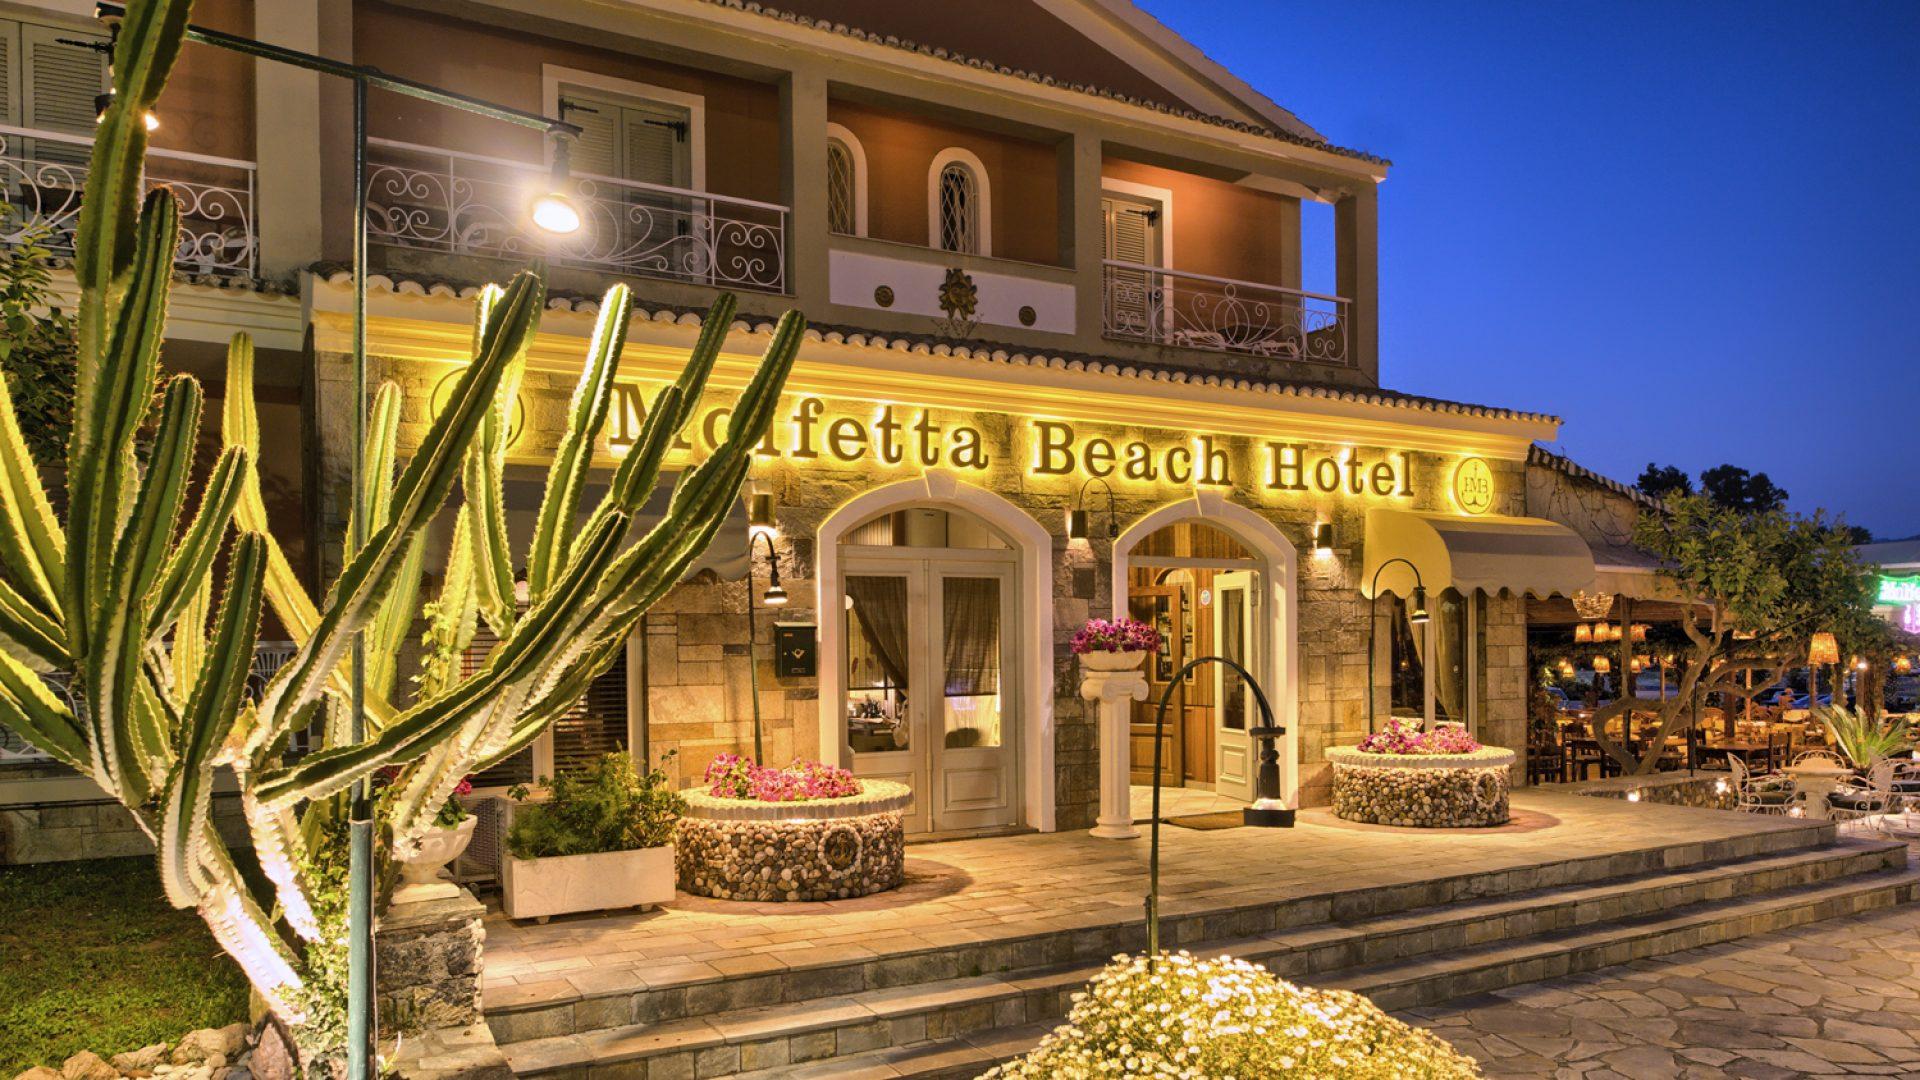 Molfetta Beach Hotel - Κέρκυρα ✦ 2 Ημέρες (1 Διανυκτέρευση)